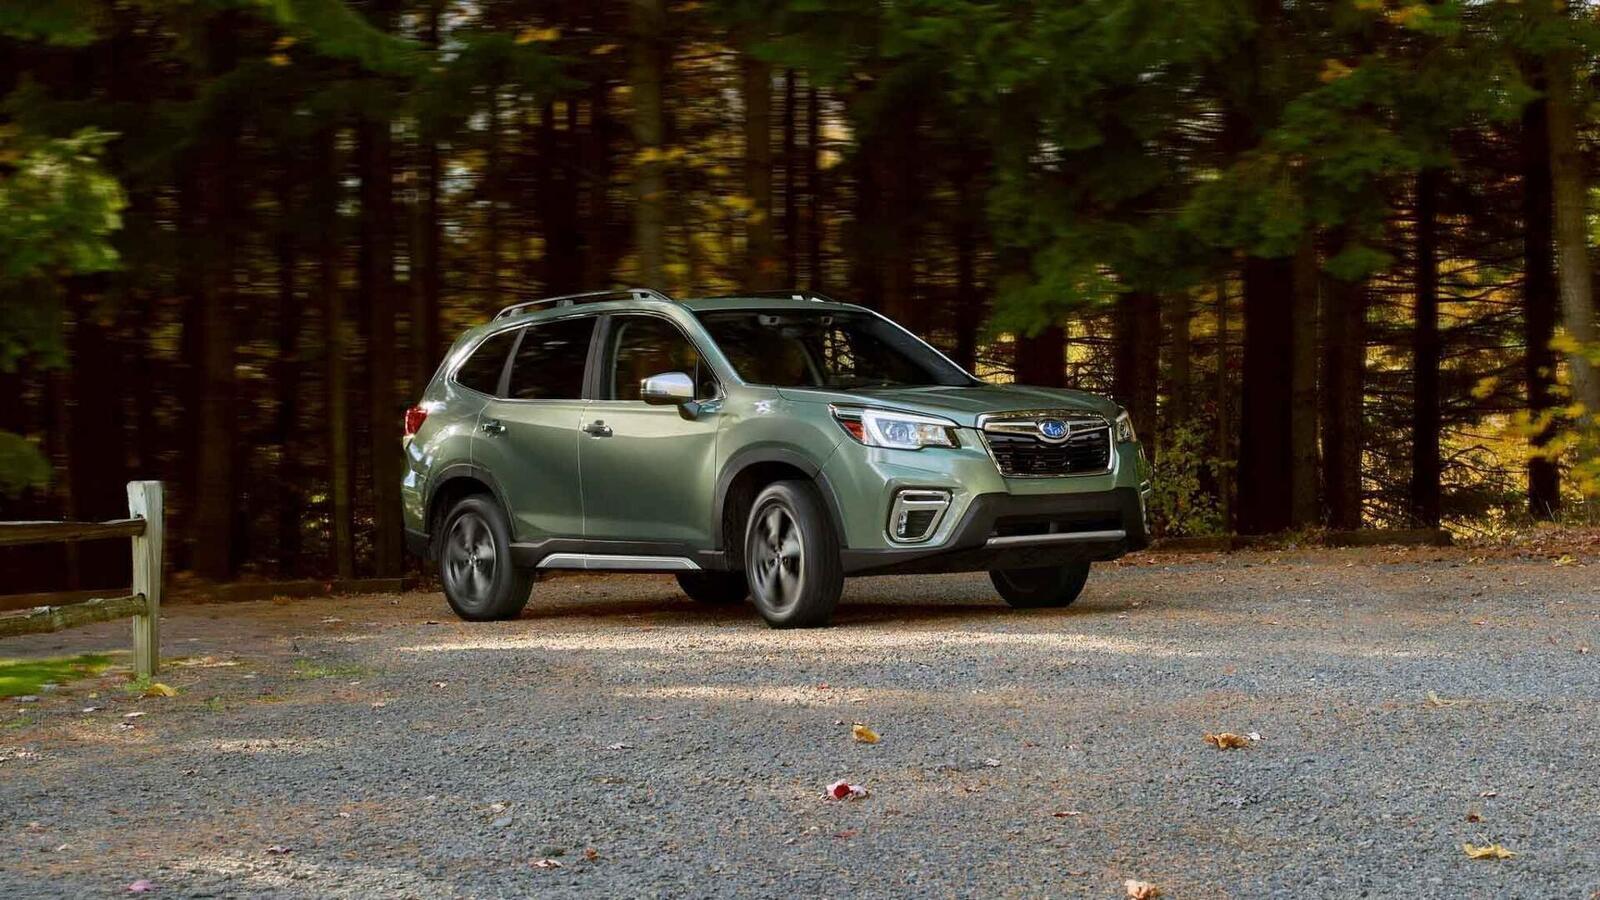 Subaru Forester 2019: Thay đổi nội ngoại thất, động cơ mạnh hơn, thêm nhiều phiên bản - Hình 8